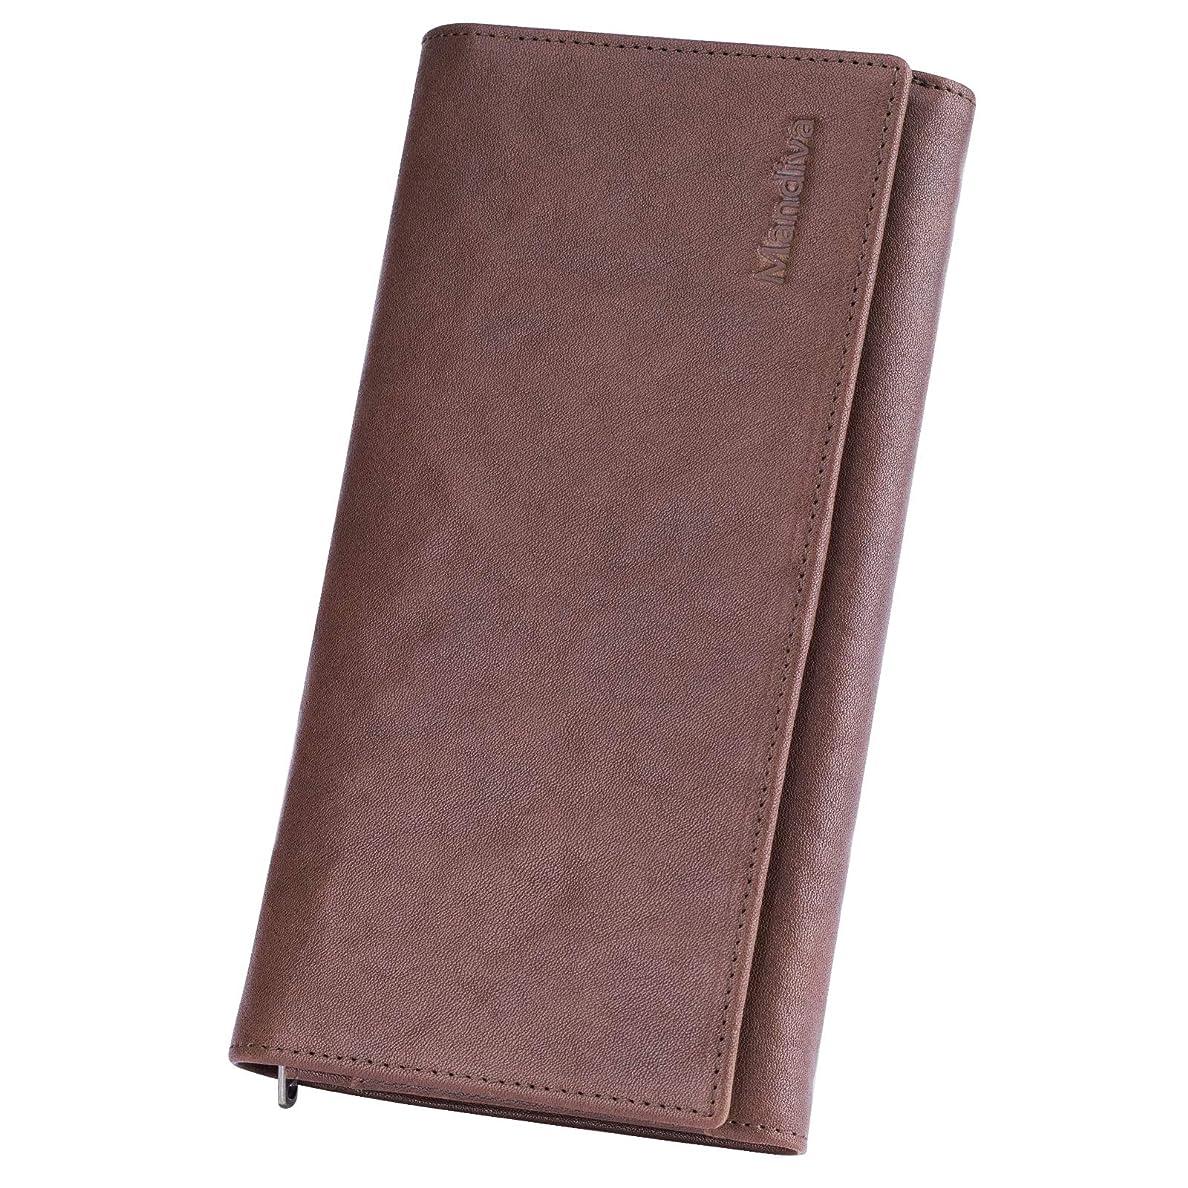 褐色専門知識フェンス長財布 メンズ 二つ折り 本革 財布 植鞣革